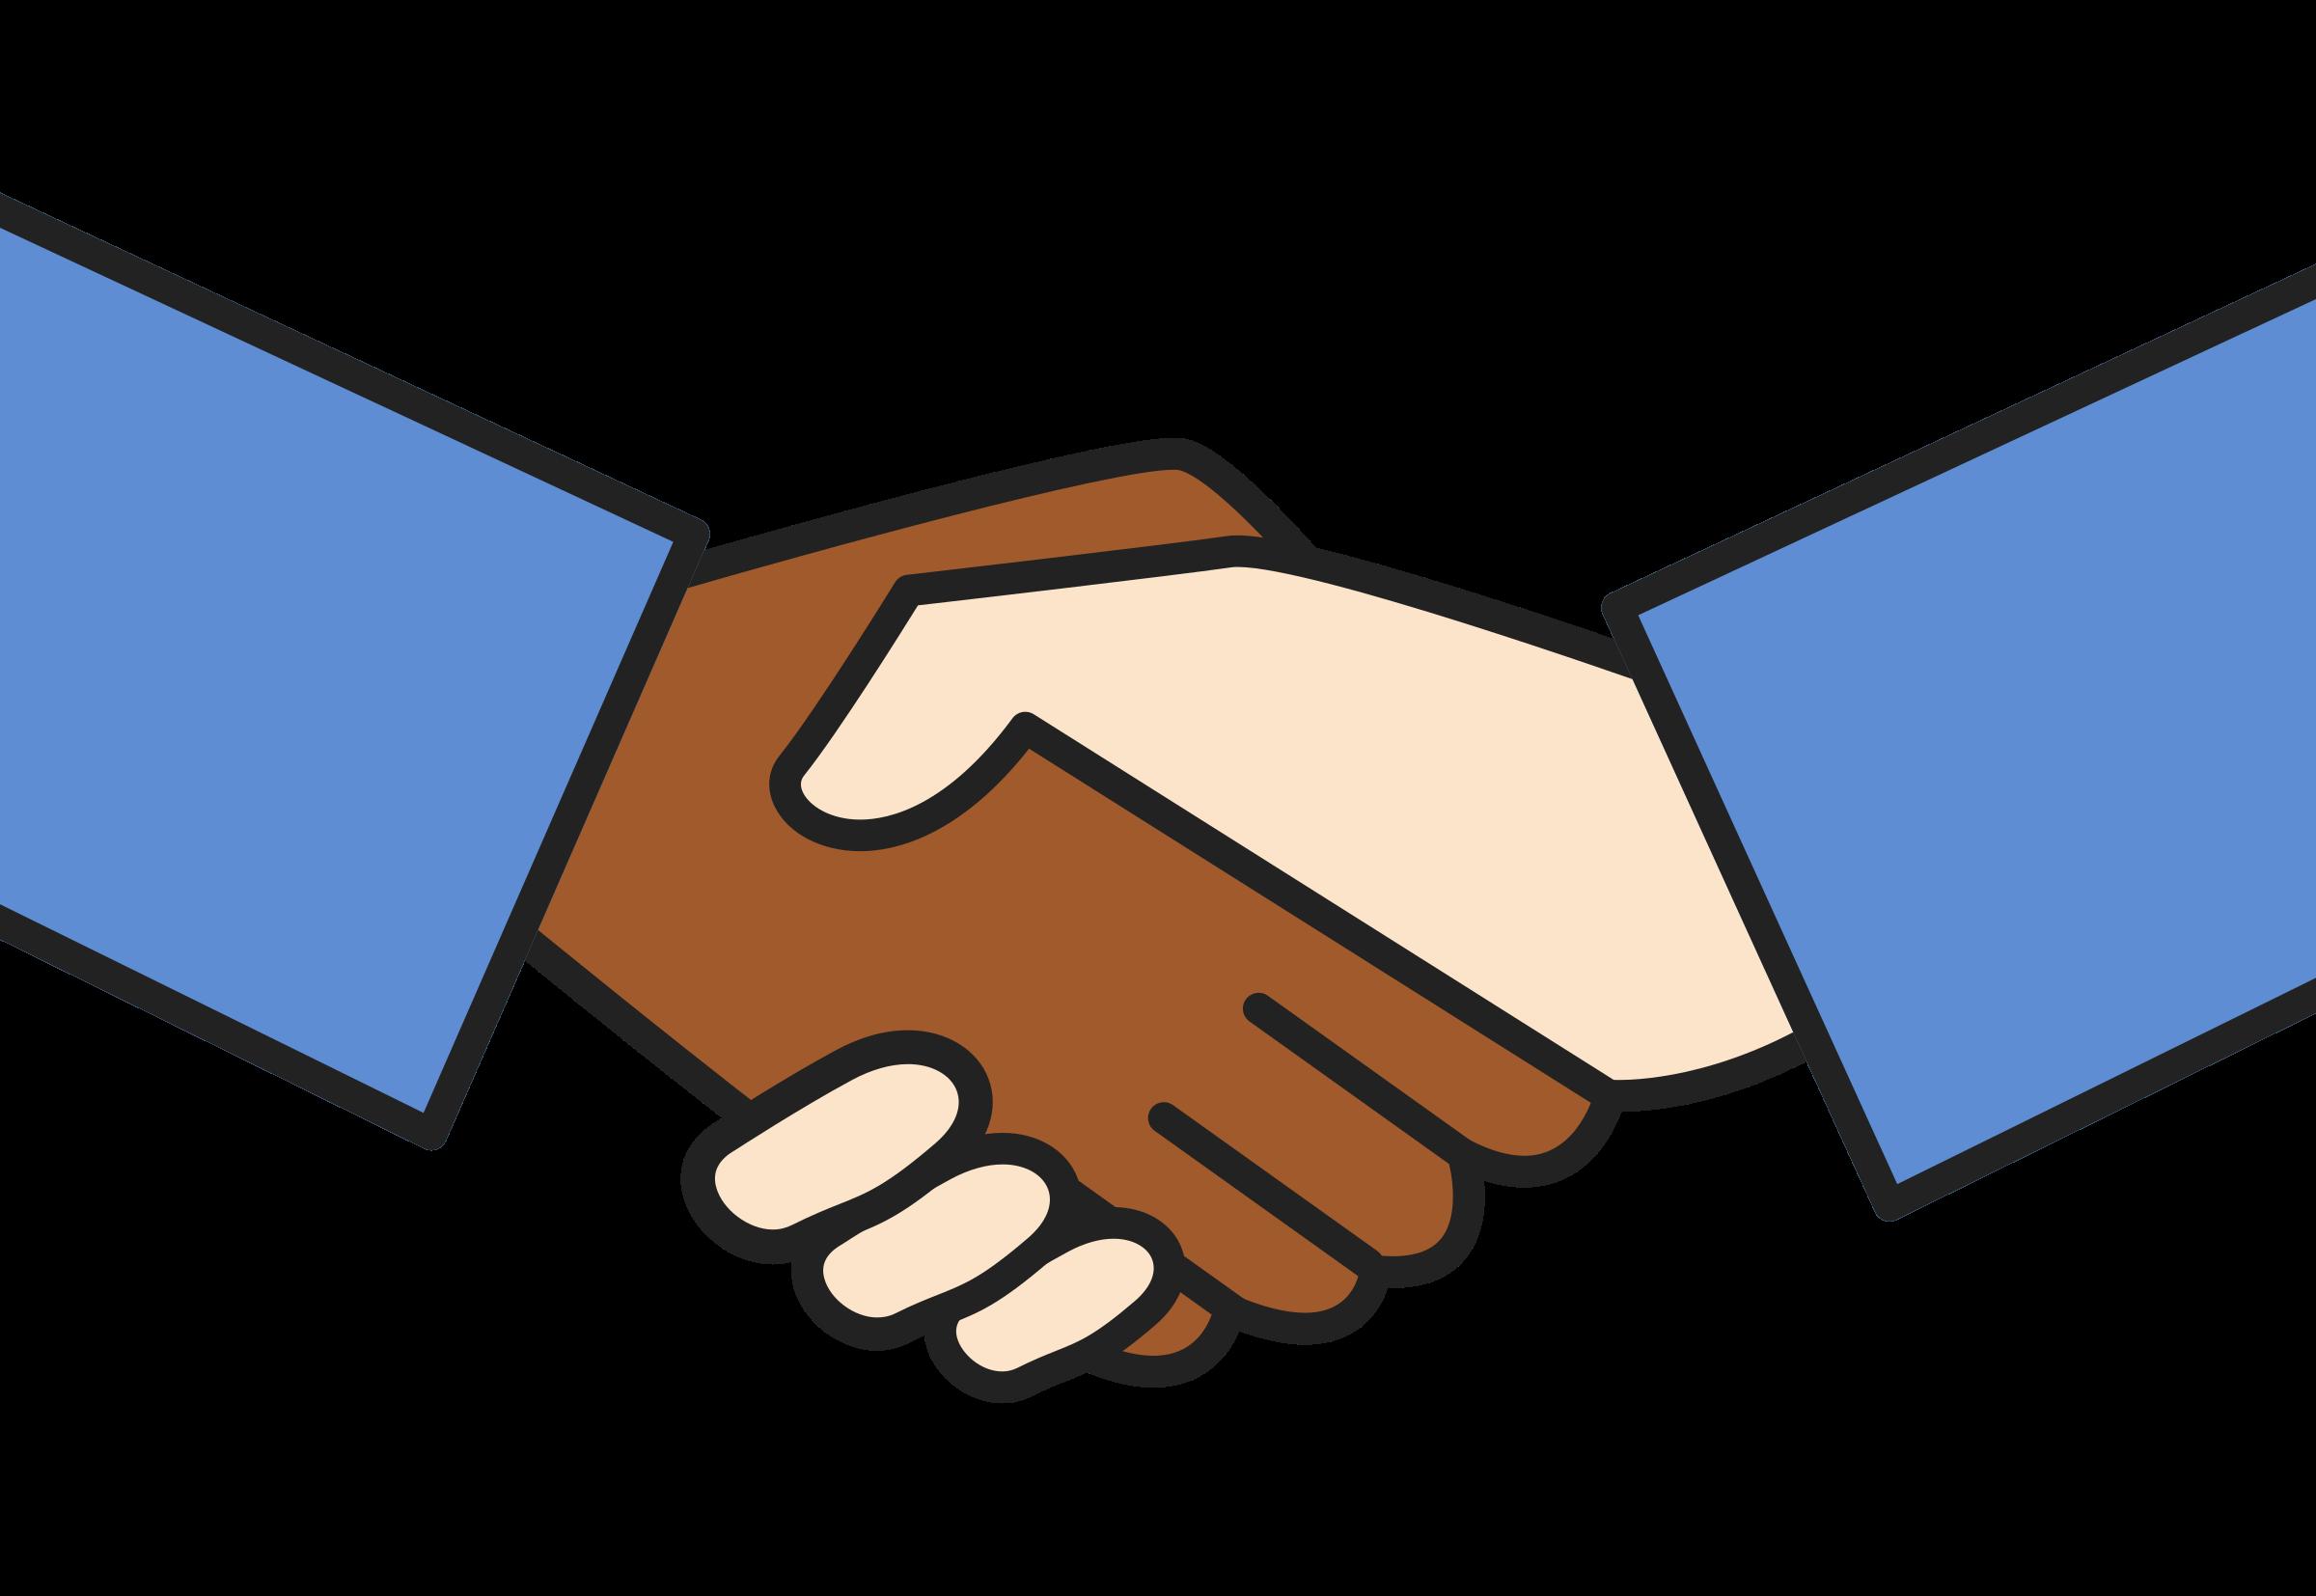 Hand clipart friend. Handshake worker unite clipartable